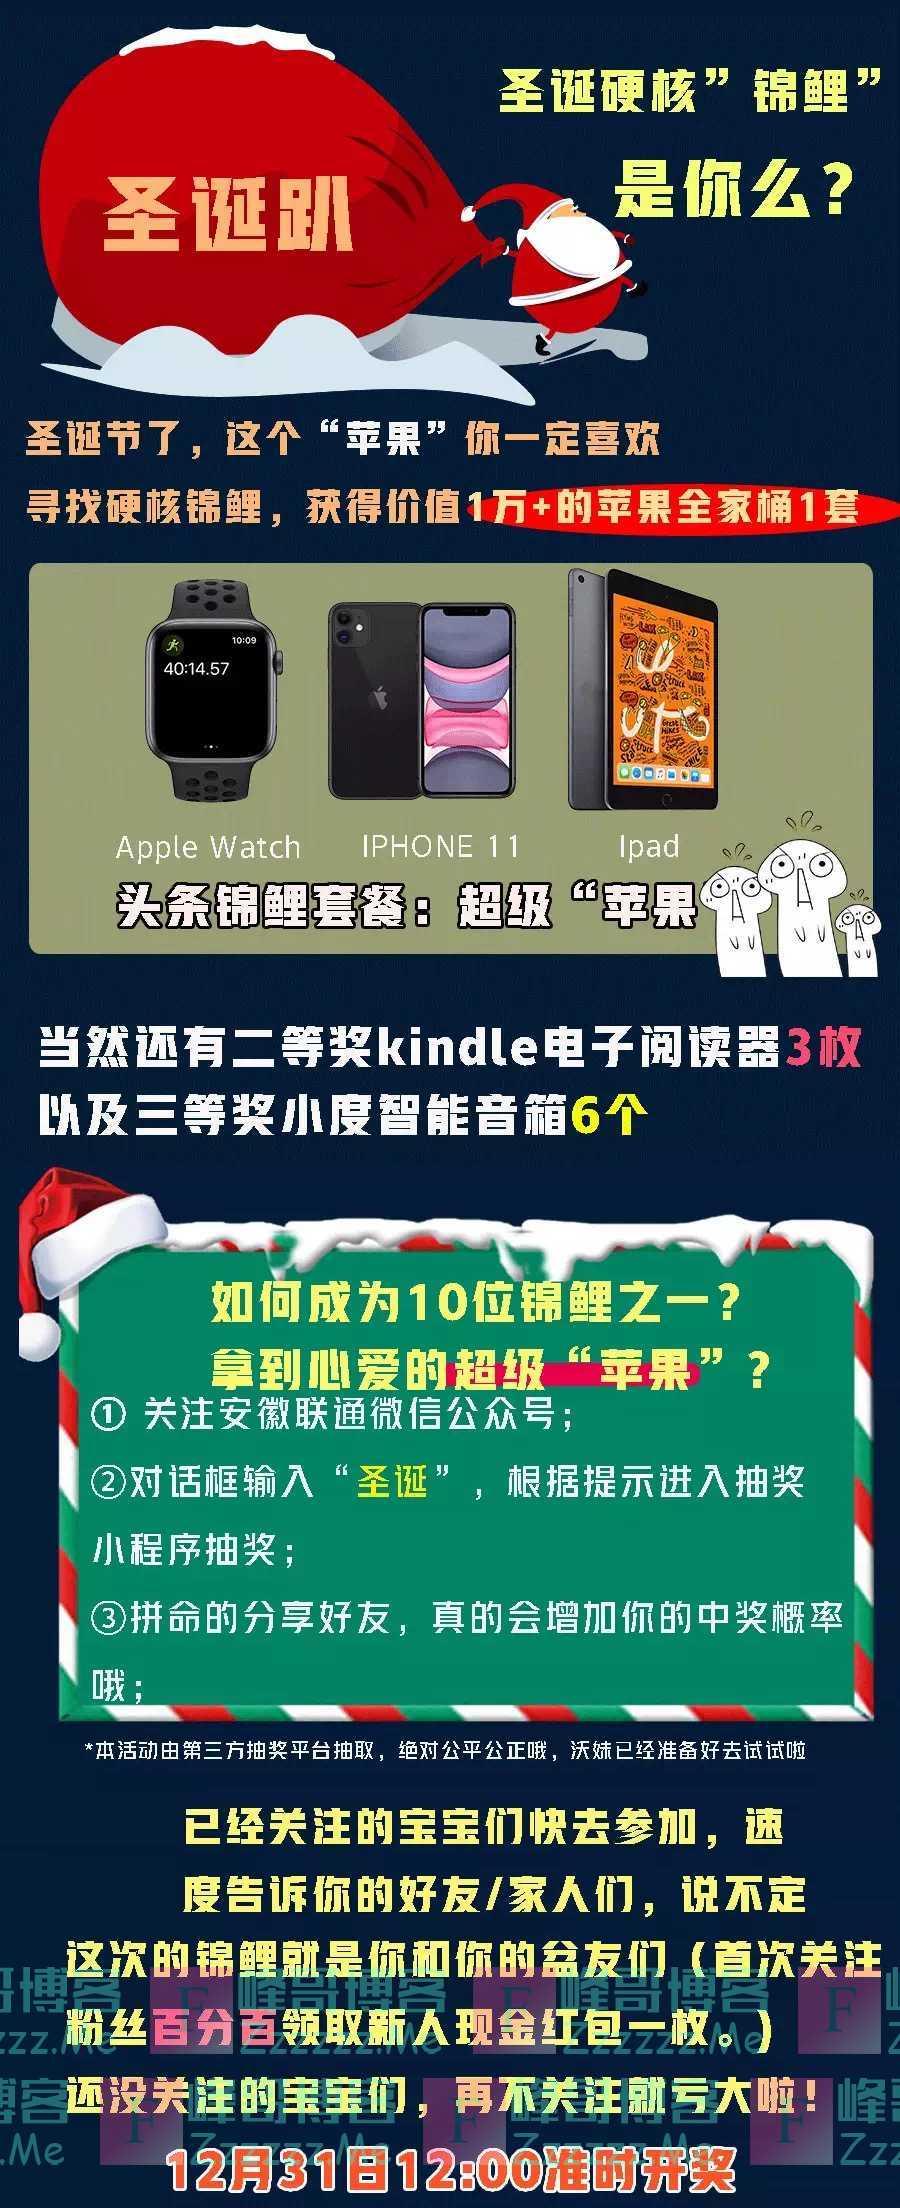 安徽联通圣诞锦鲤(12月31日截止)